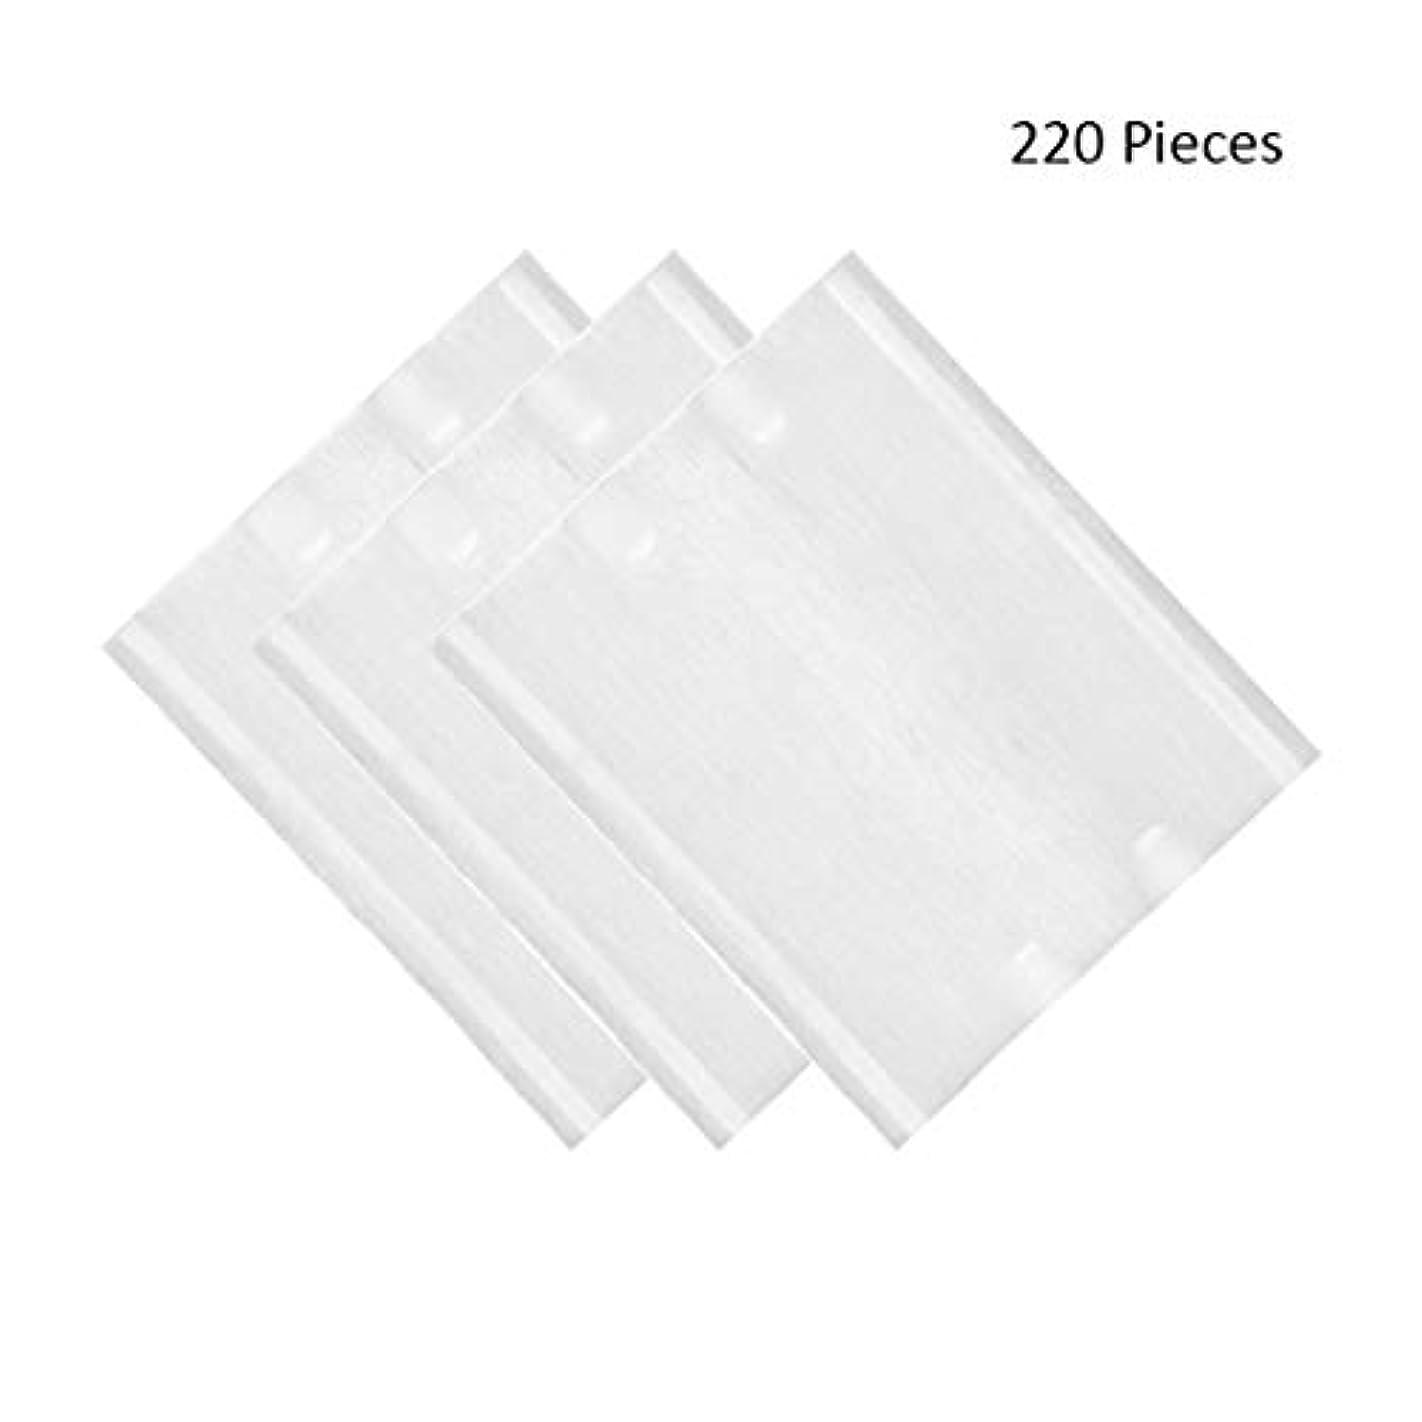 ドキドキ激しい八220ピース/パックフェイスメイクリムーバーソフト化粧コットンパッド両面スキンケアクレンジングコットンパッドリムーバーワイプ (Color : White, サイズ : 6*5cm)